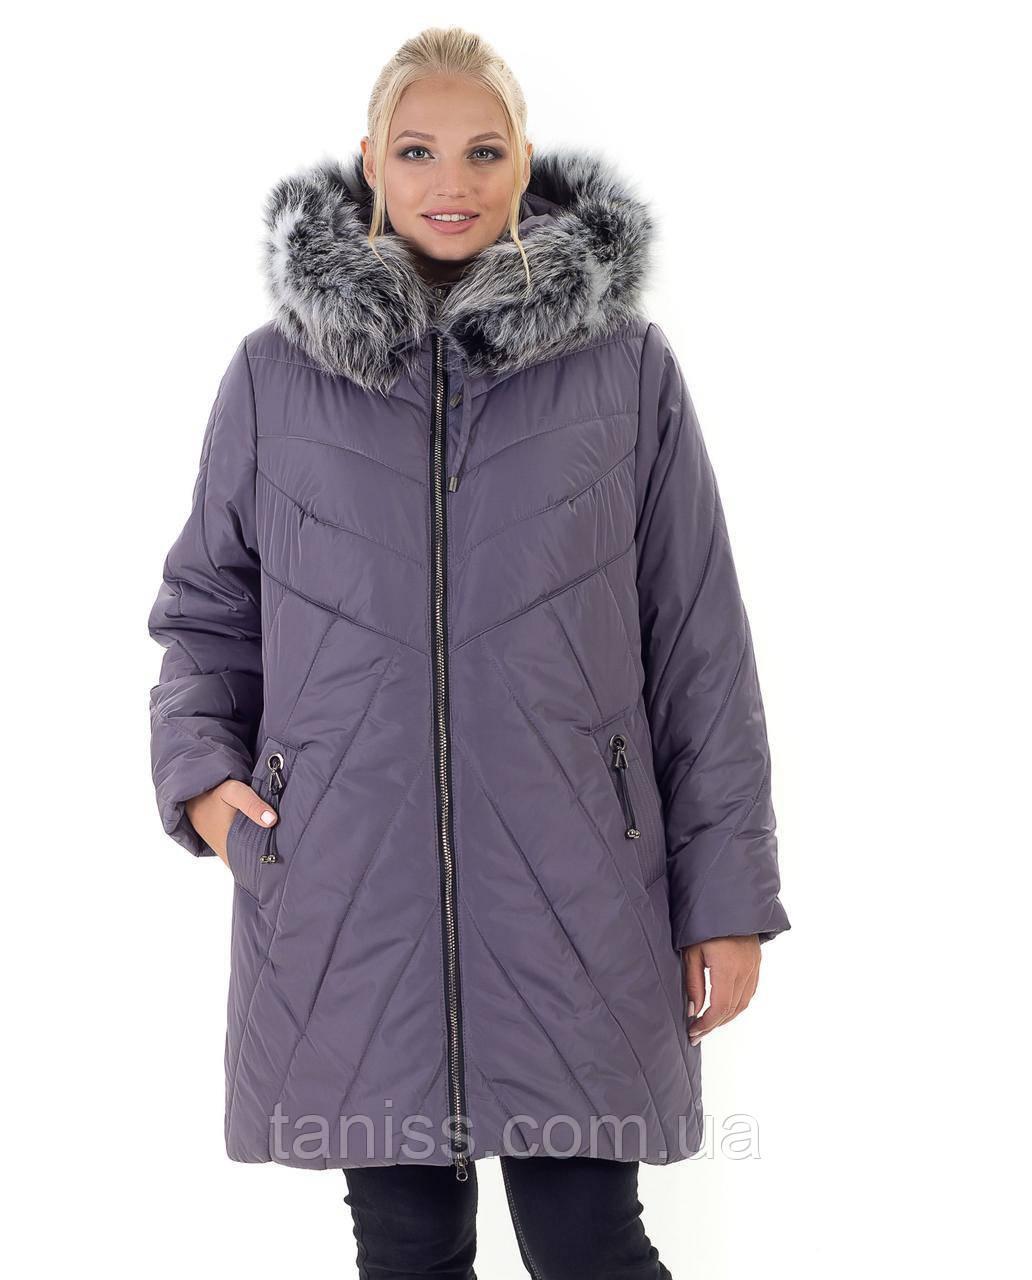 Зимняя женская куртка, большого размера, с натуральным мехом, размеры 56. 58. 60. 62. 66. 68 лиловый